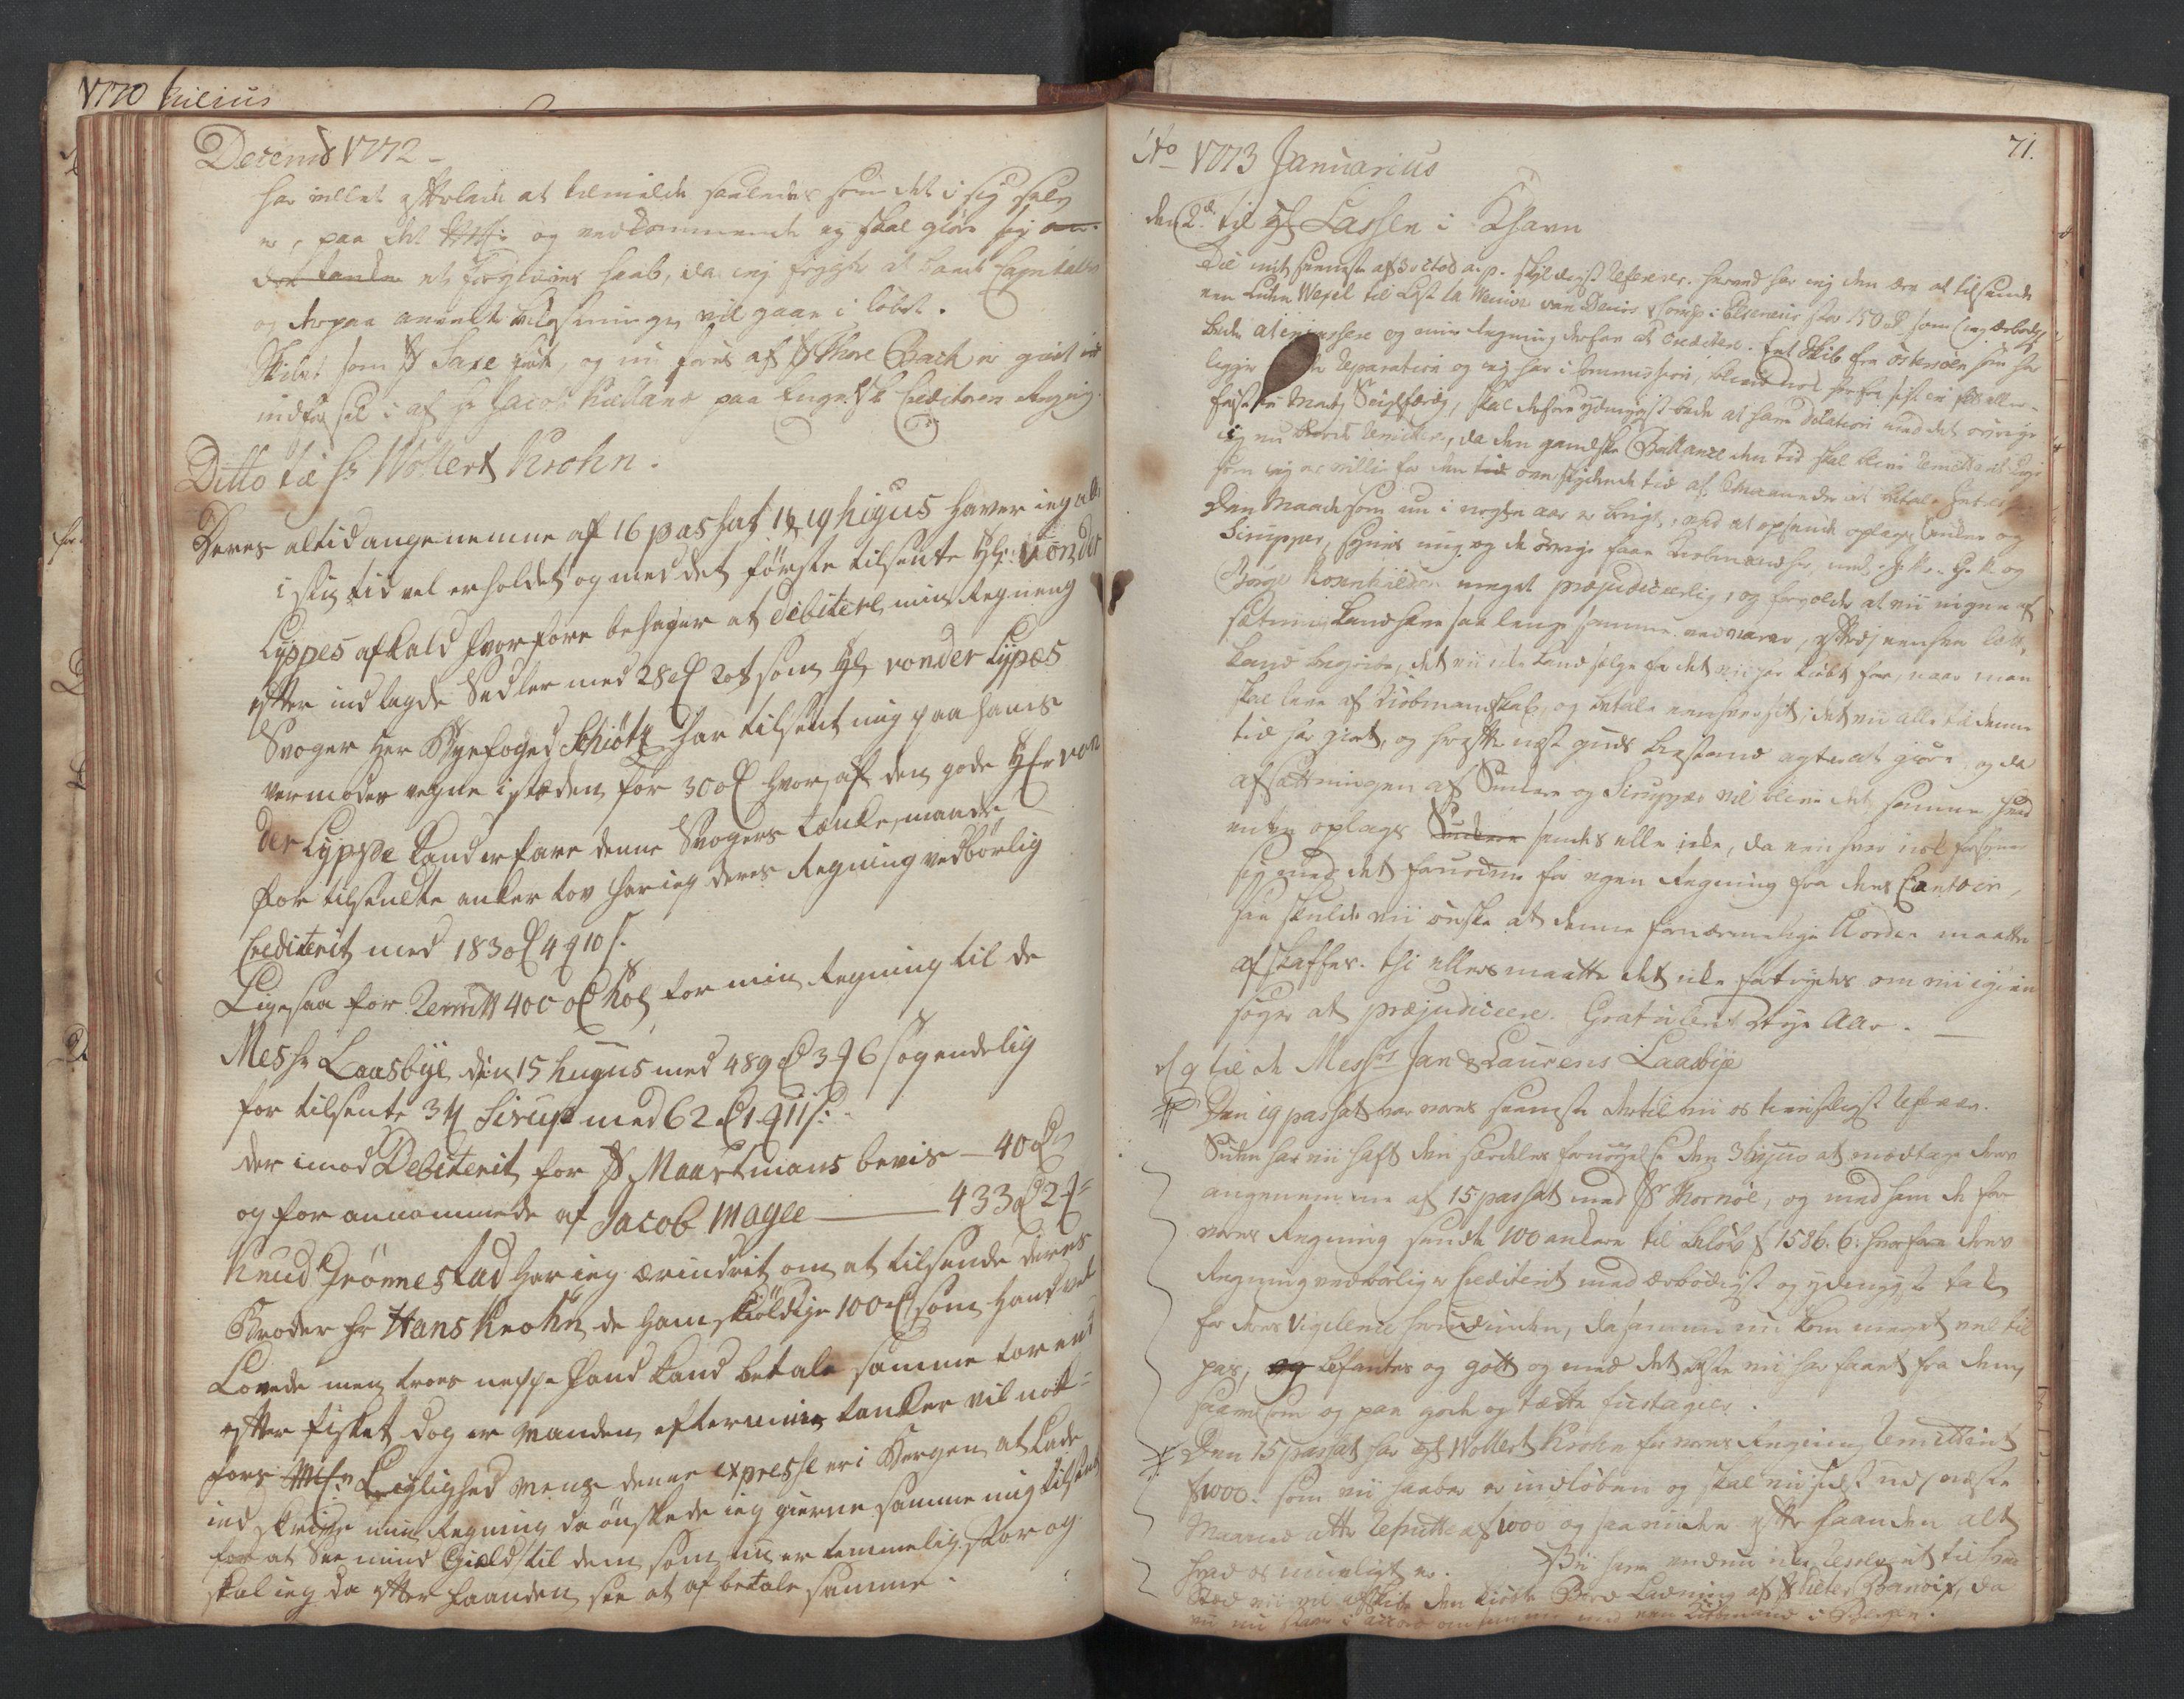 SAST, Pa 0003 - Ploug & Sundt, handelshuset, B/L0002: Kopibok, 1770-1775, s. 70b-71a